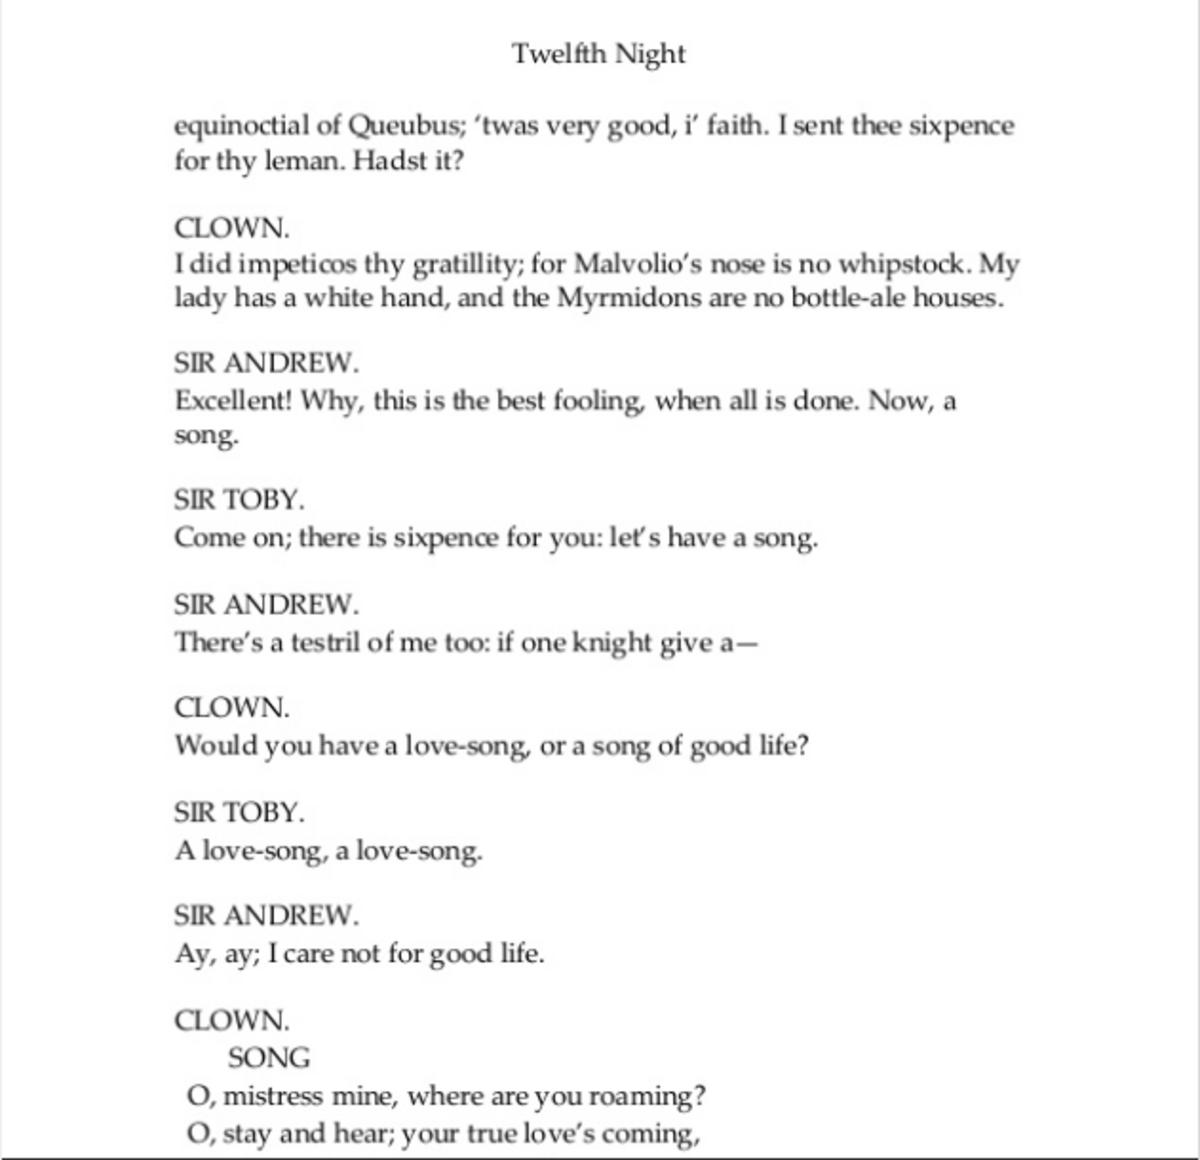 Twelth Night ACT II Scene iii